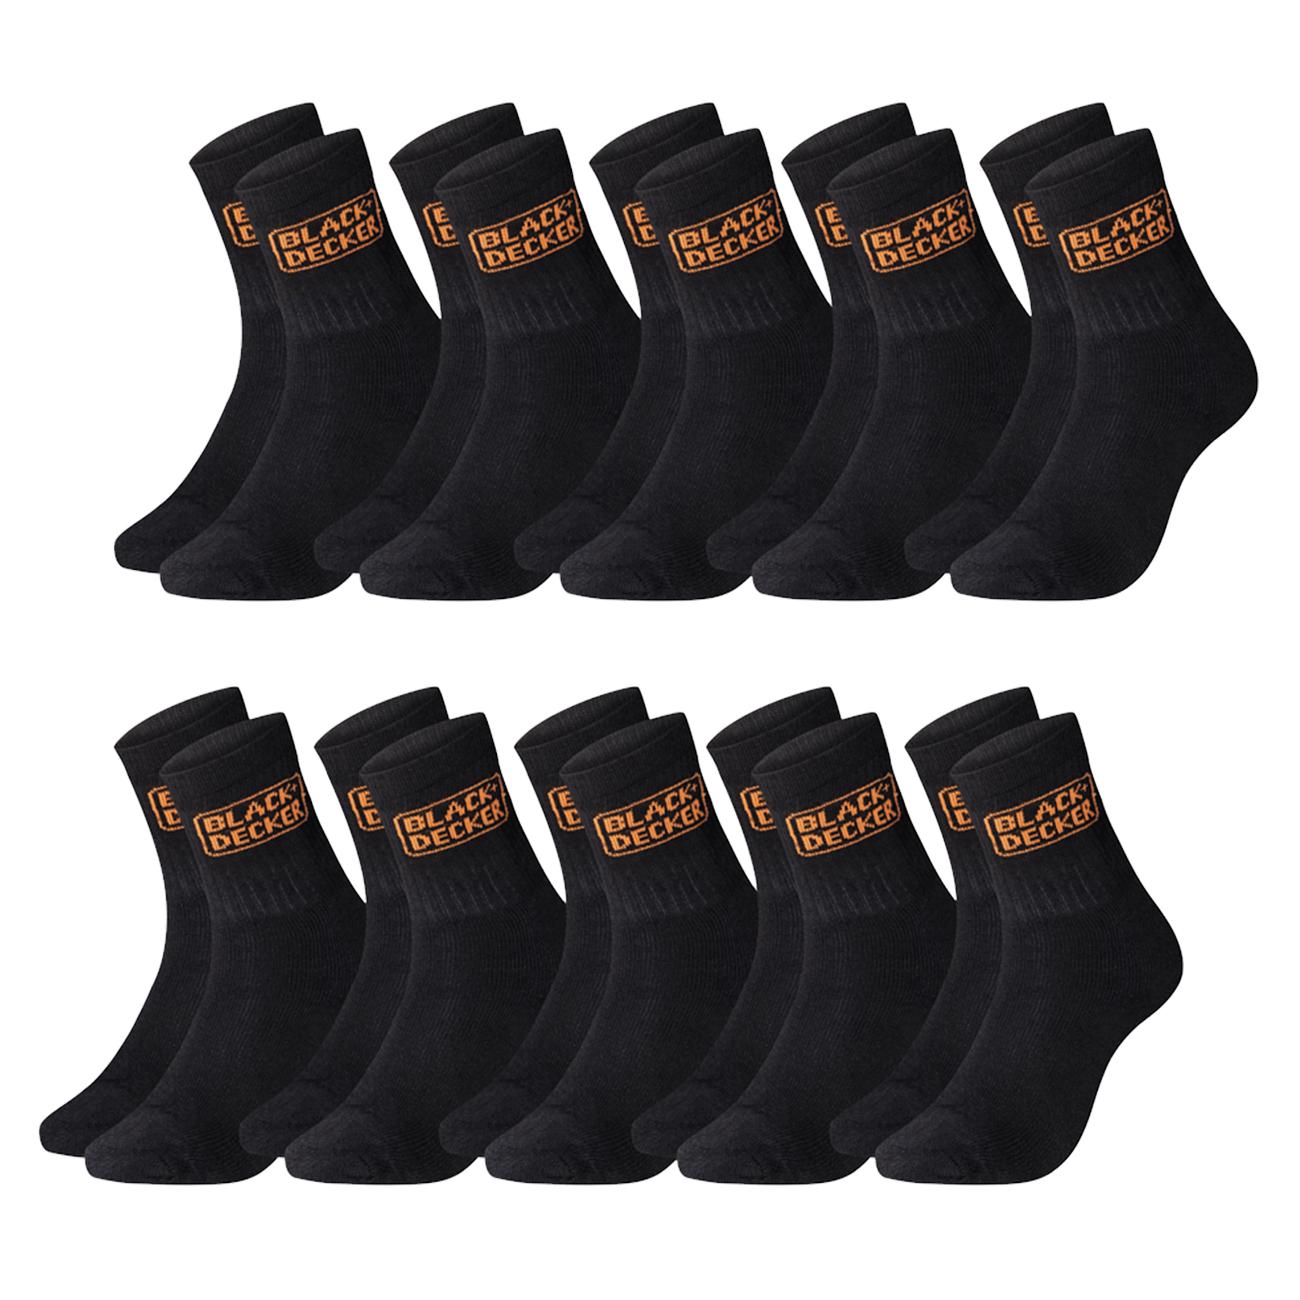 20 Sportsocken von Black + Decker (Gr. 39-49, Material 60% Baumwolle, 37% Polyester, 3% Polyamid)